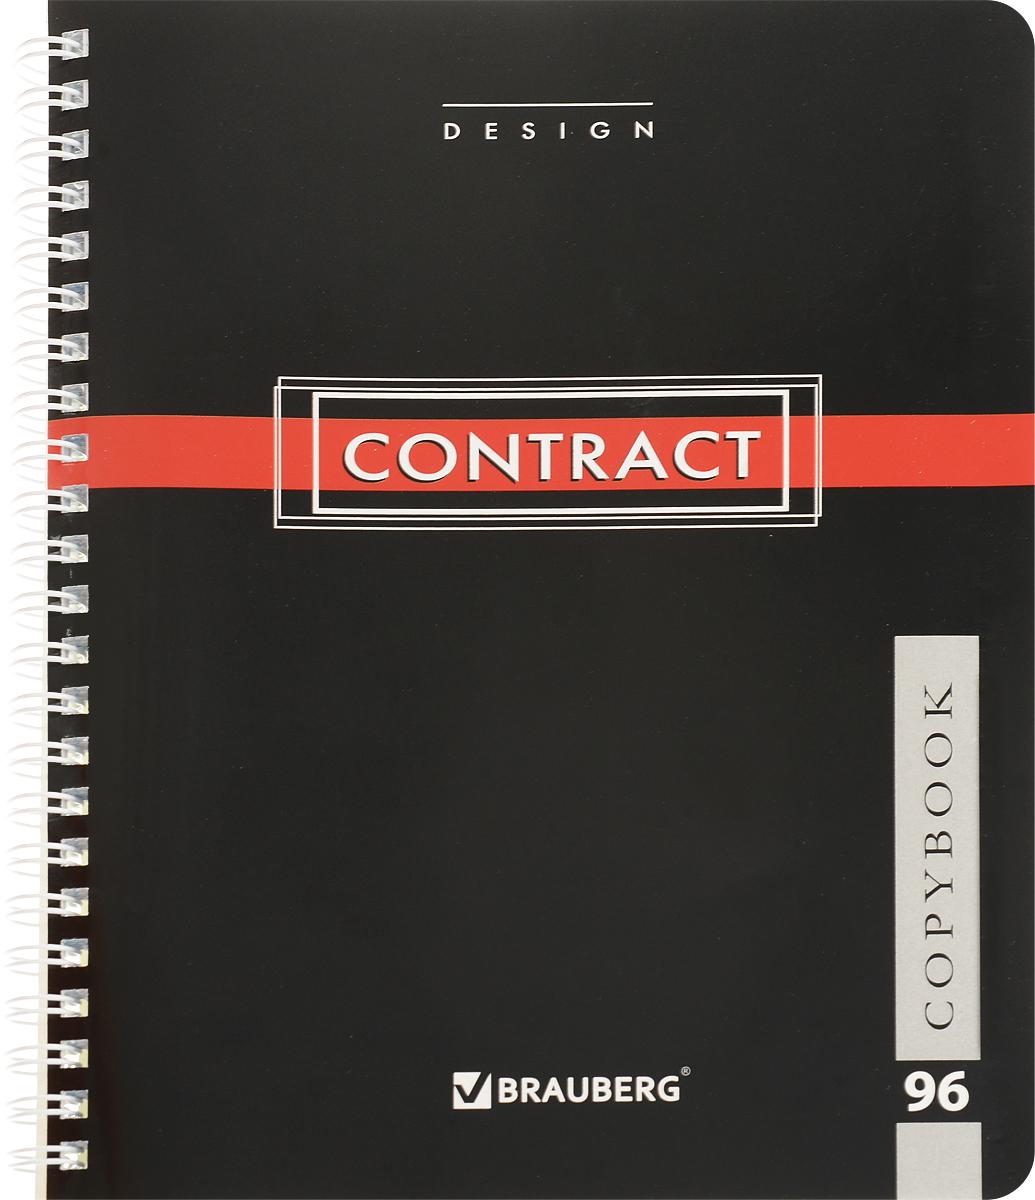 Brauberg Тетрадь Contract 96 листов в клетку цвет черный 40052772523WDТетрадь Brauberg Contract на металлическом гребне пригодится как школьнику, так и студенту.Такое практичное и надежное крепление позволяет отрывать листы и полностью открывать тетрадь на столе. Обложка изготовлена из импортного мелованного картона. Внутренний блок выполнен из высококачественного офсета в стандартную клетку без полей. Тетрадь содержит 96 листов. Страницы тетради дополнены микроперфорацией для удобного отрыва листов.